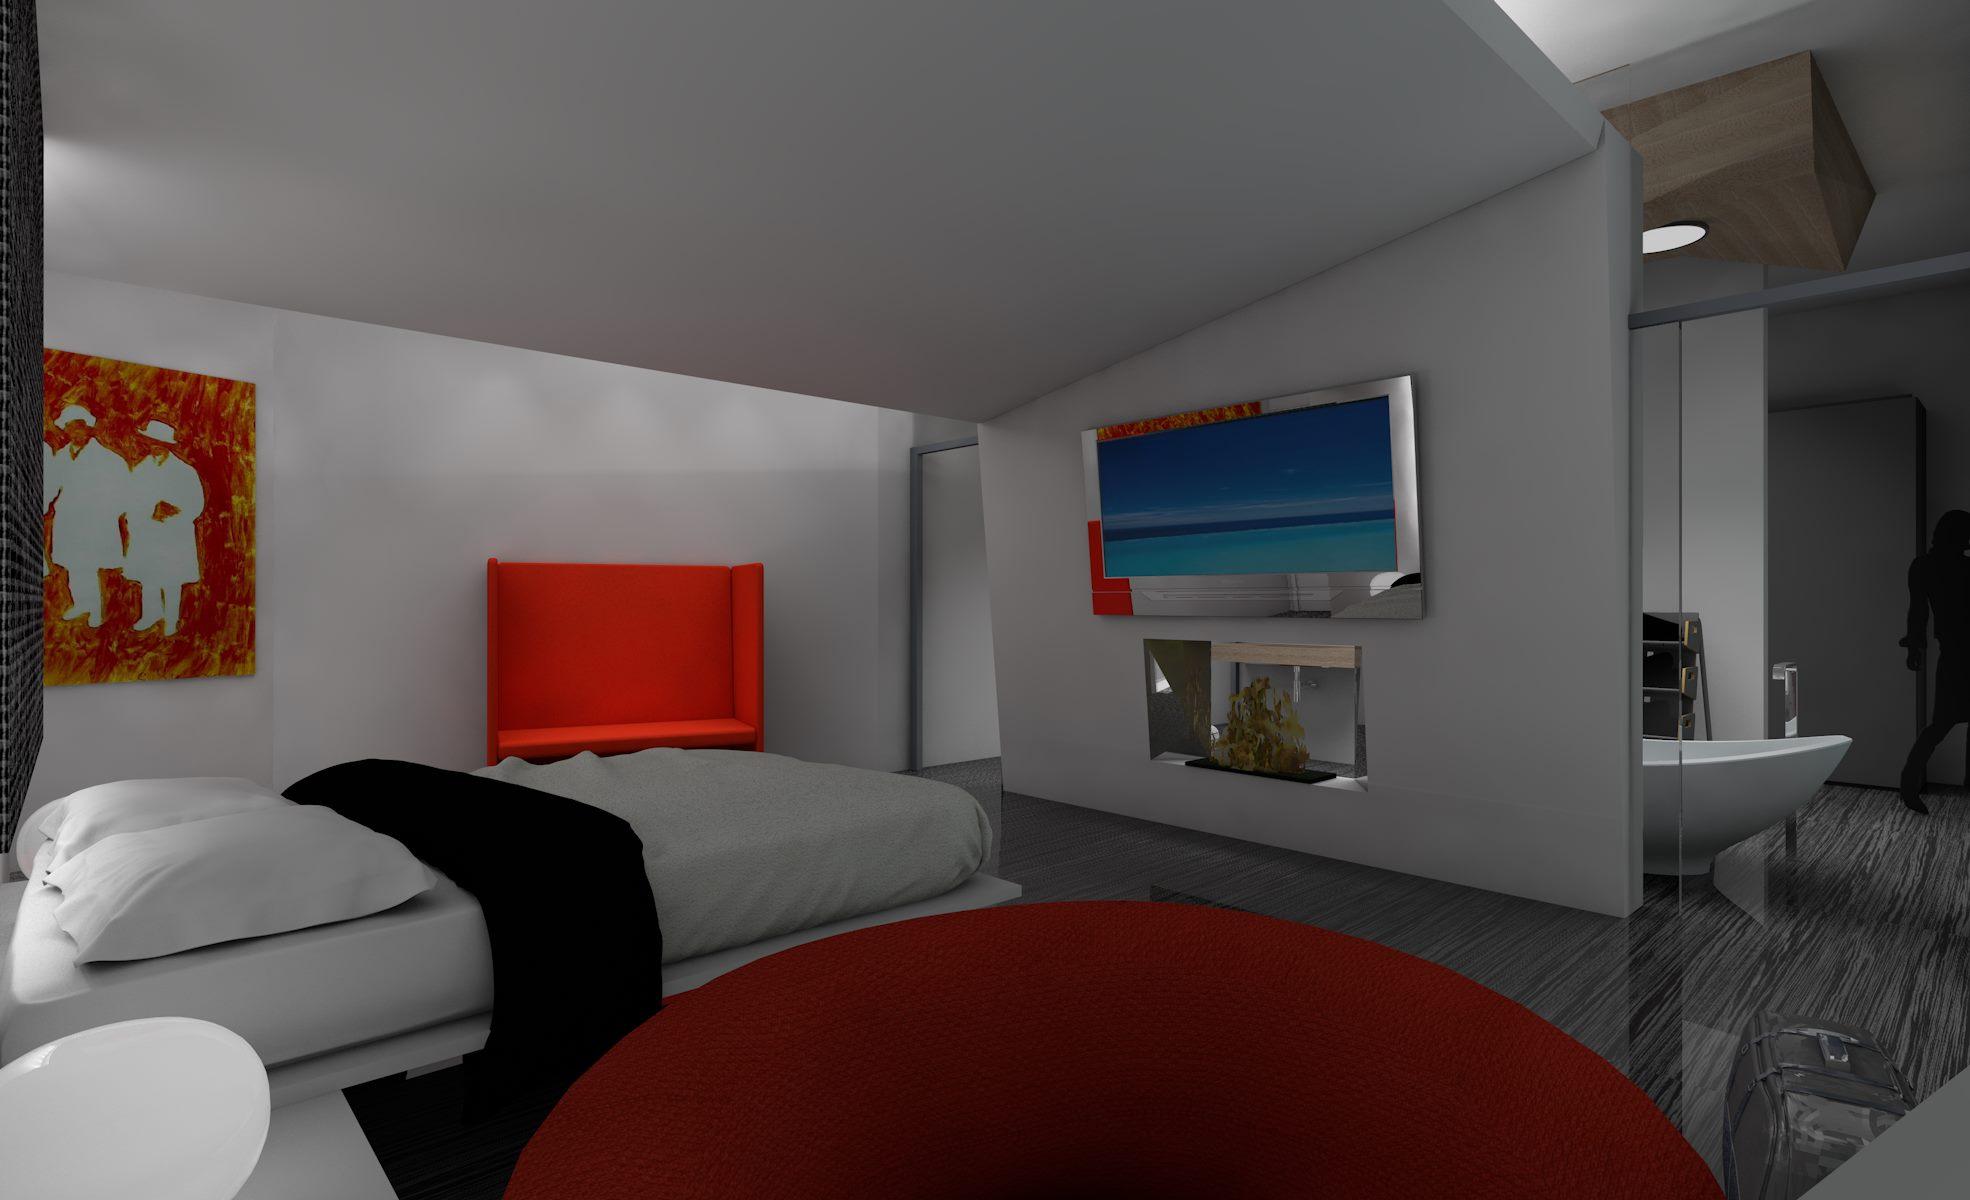 Arredamento casa idee e tendenze di arredamento - Arredo casa idee ...